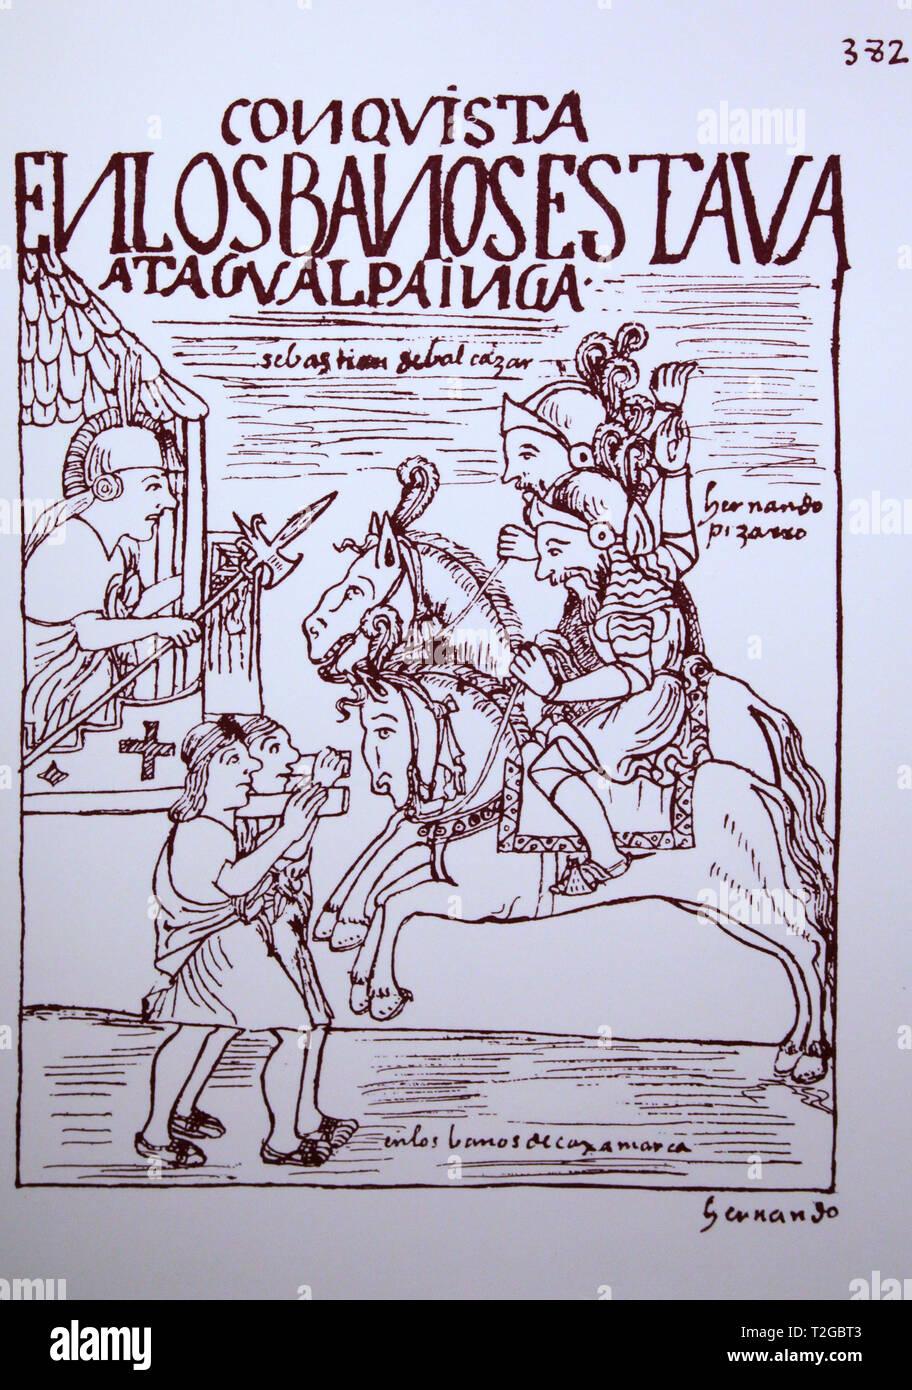 Die Conquistadores konfrontieren Inka Atahualpa am Königlichen Badewanne Cajamarca von Felipe Guamán Poma de Ayala (1535-1616) El primer Nueva crónica y buen Regierung. Stockbild